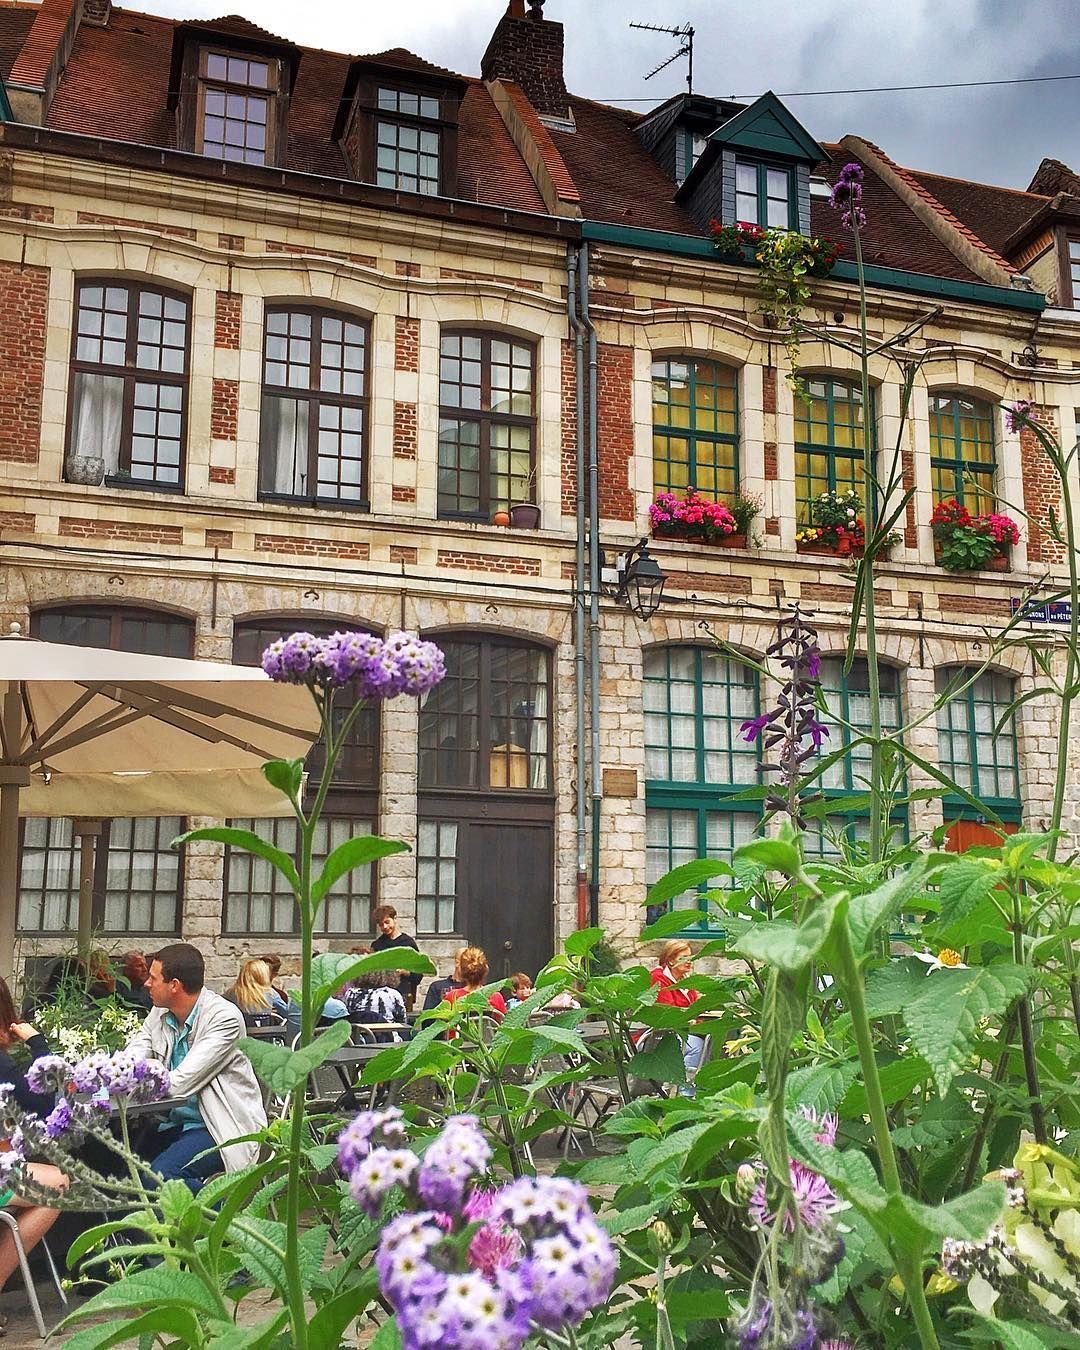 Épinglé sur Lille